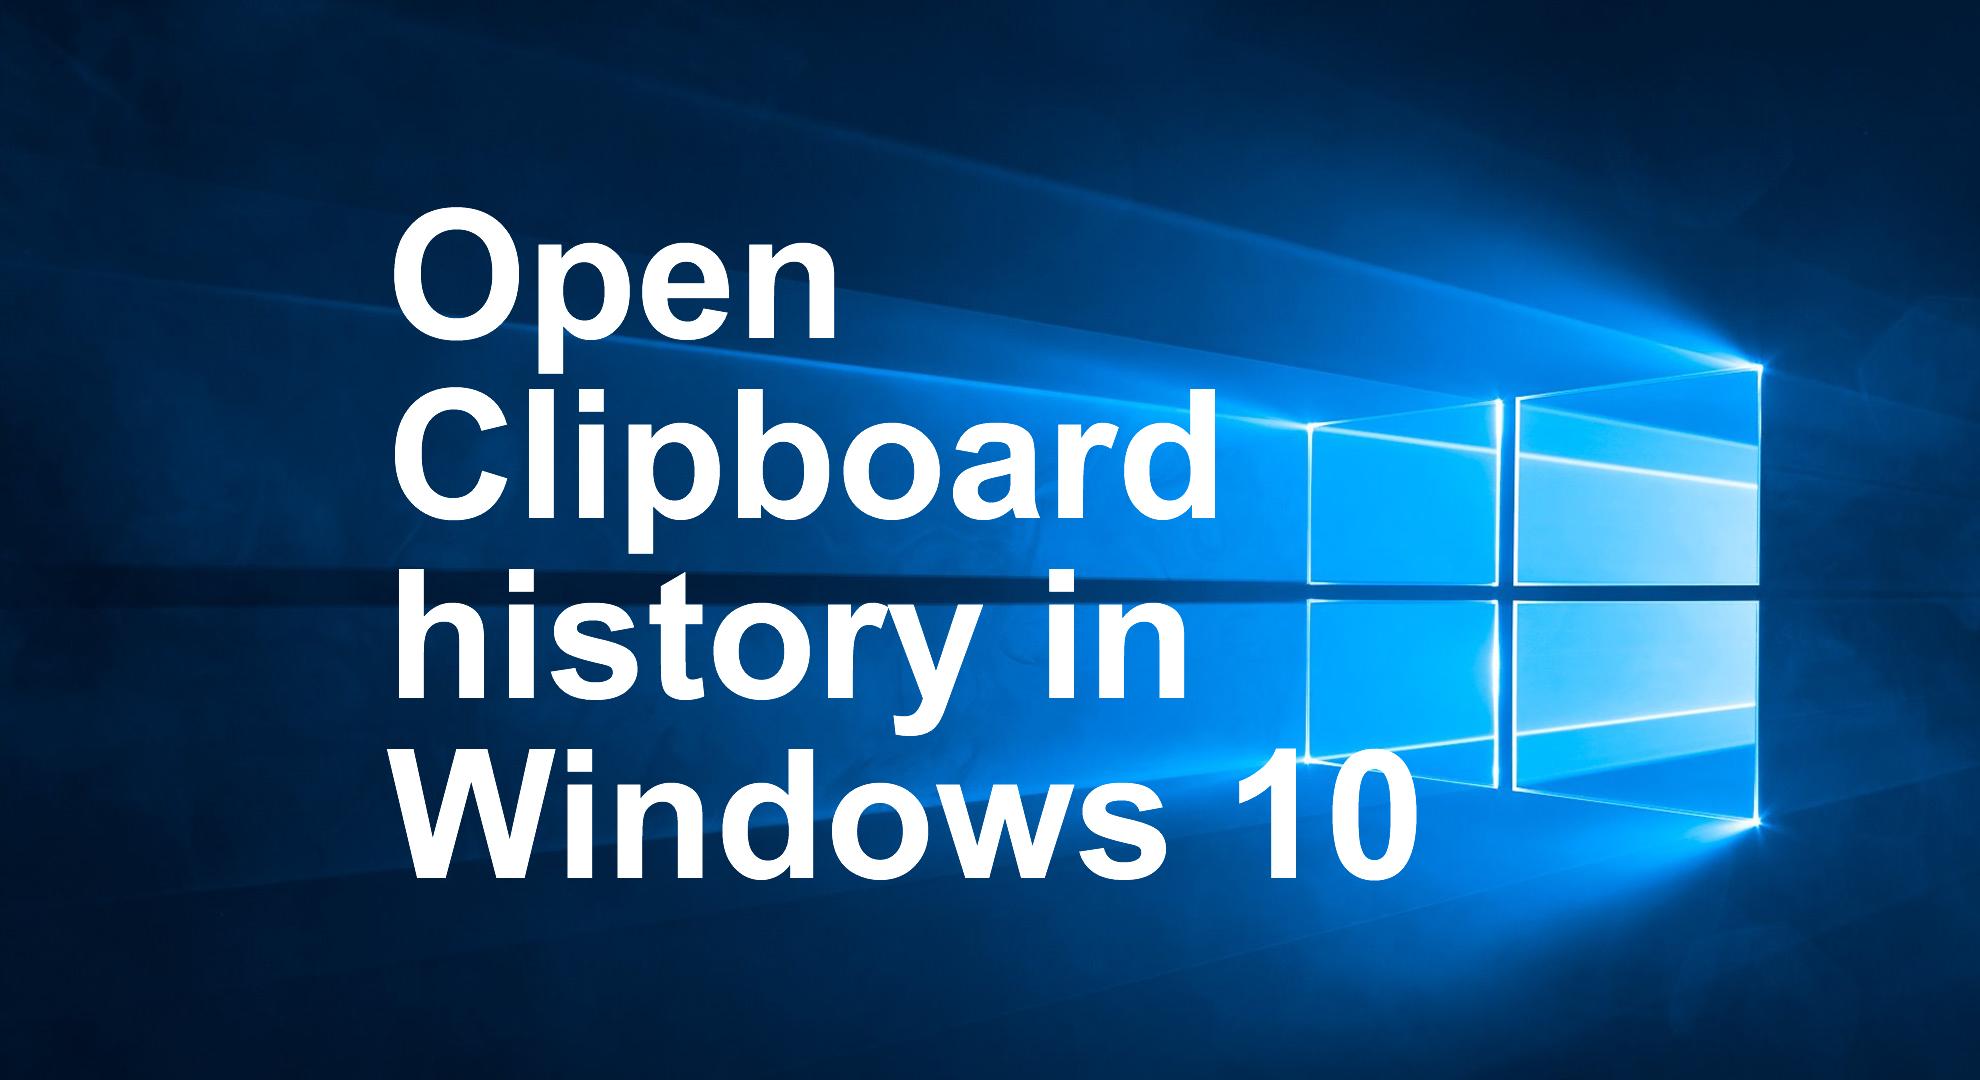 Open Clipboard history in Windows 10